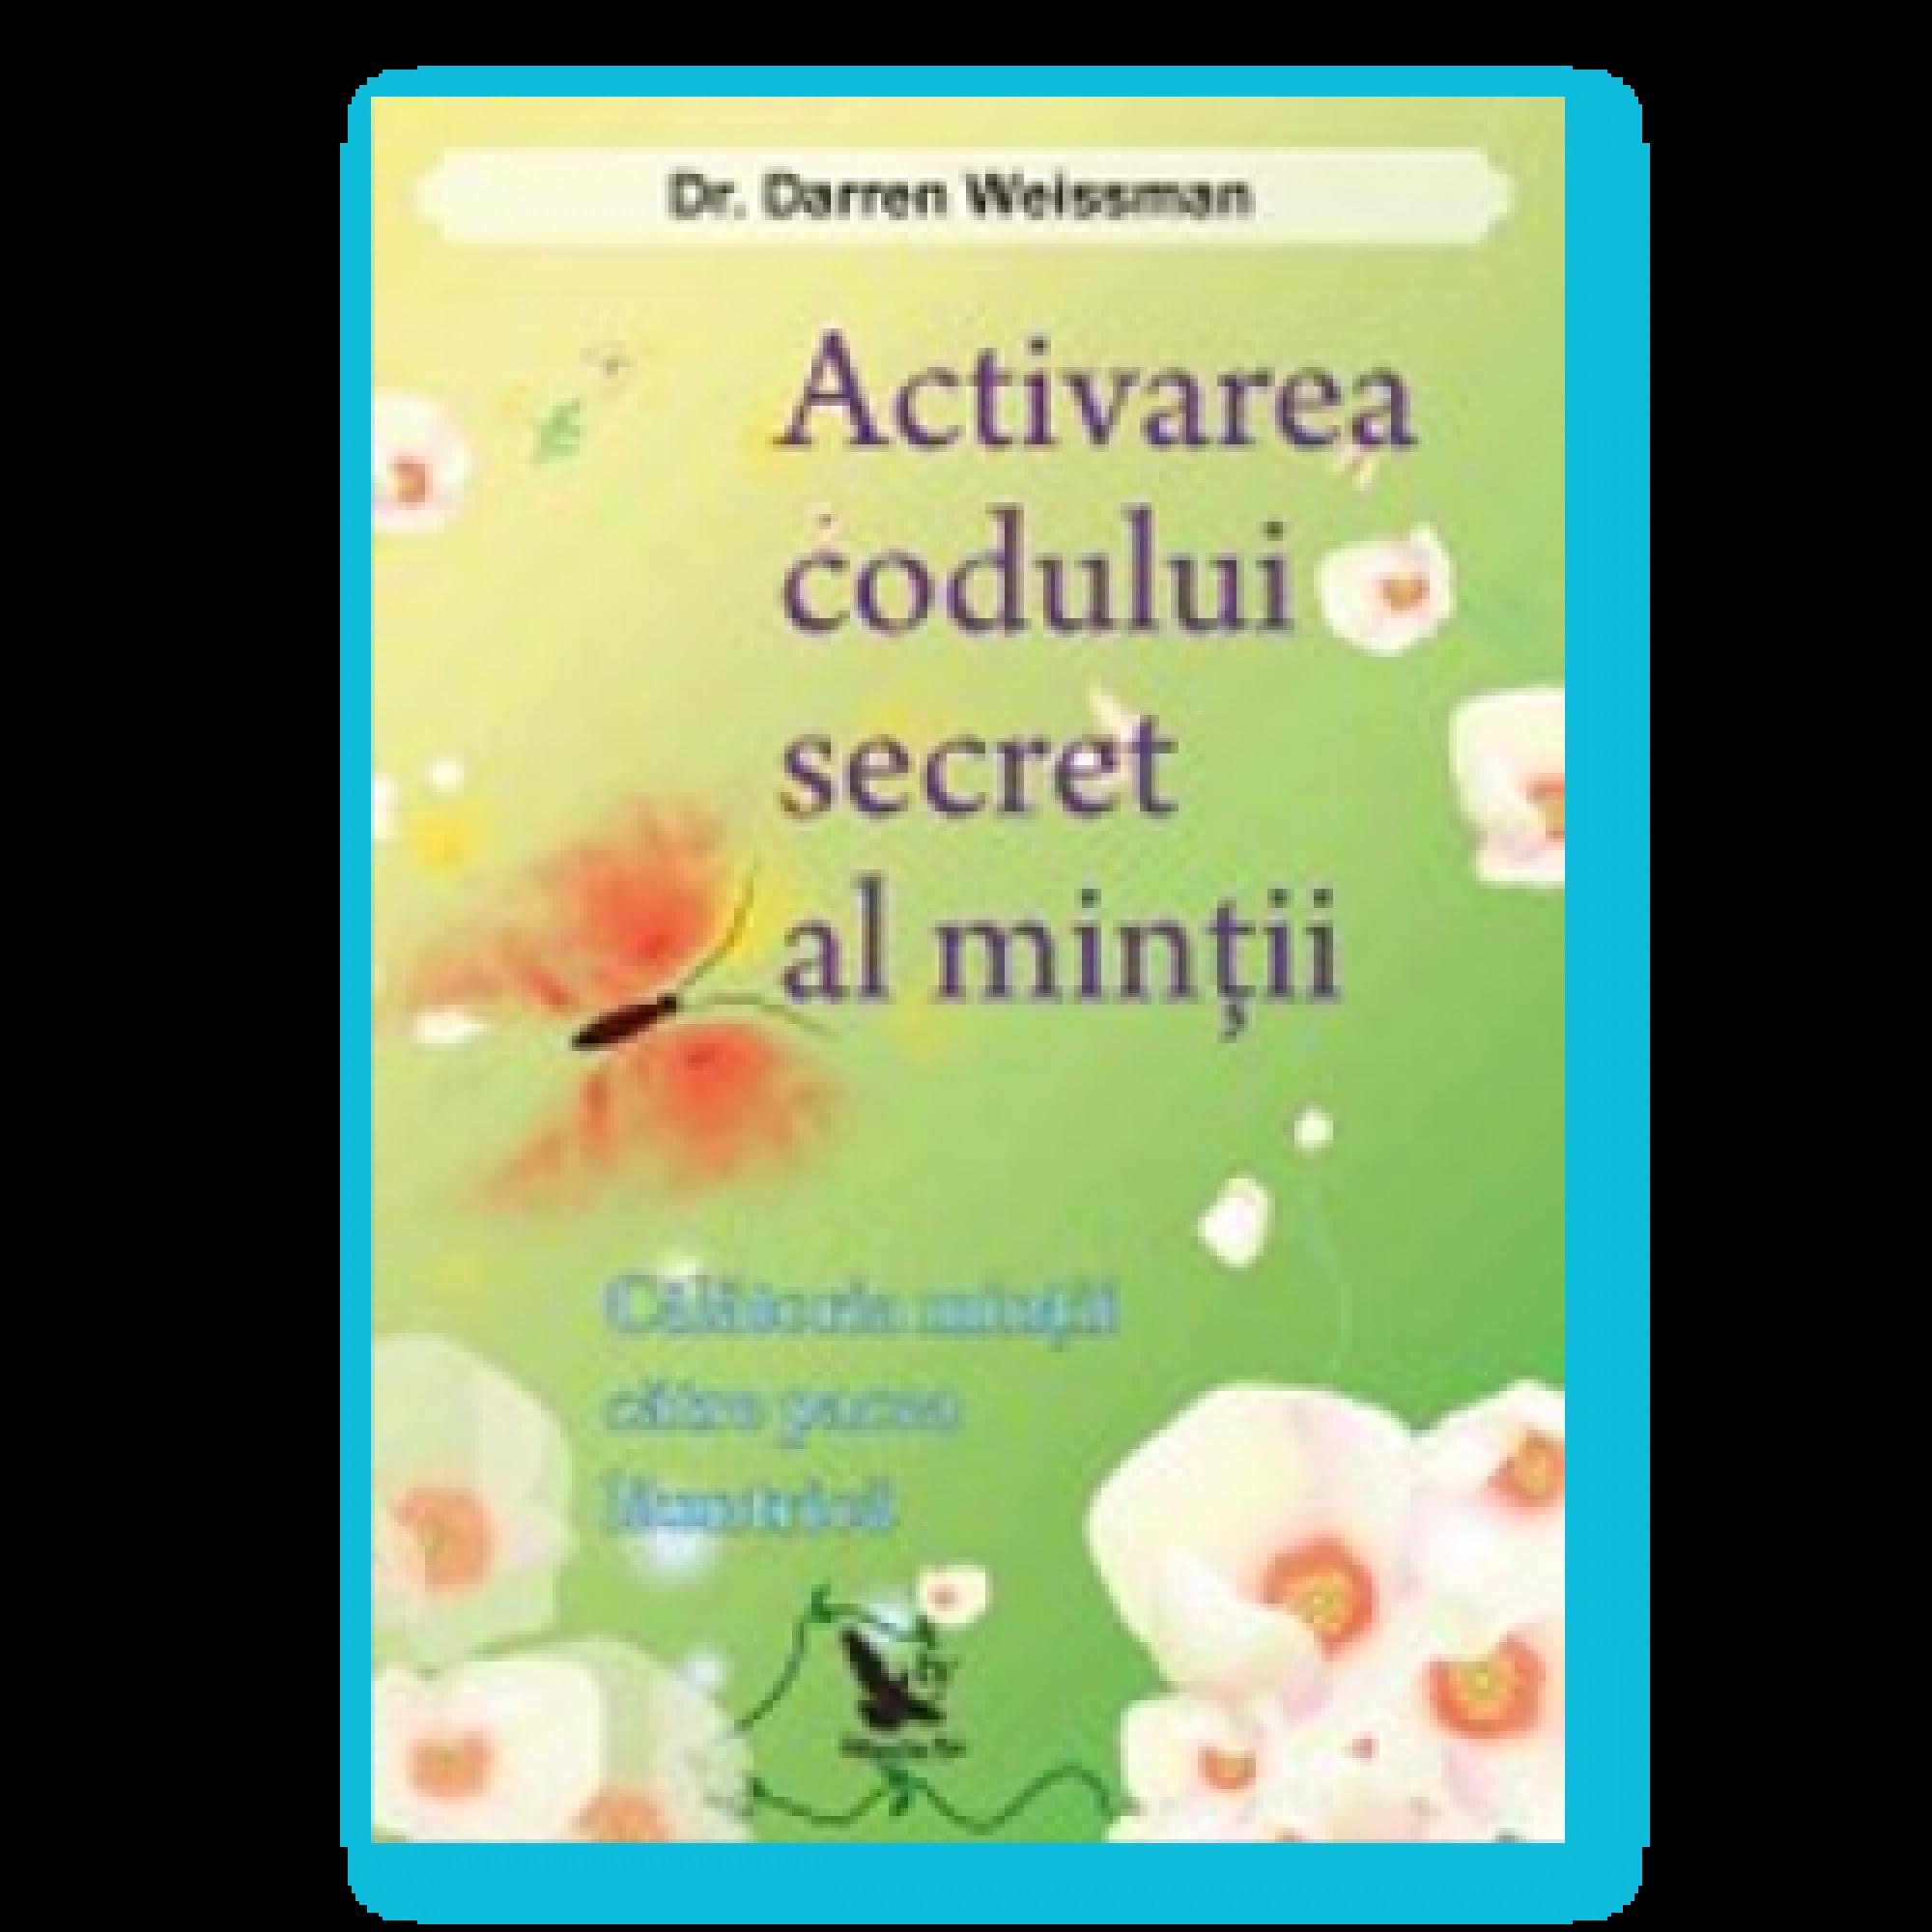 Activarea codului secret al minții; Darren R. Weissman